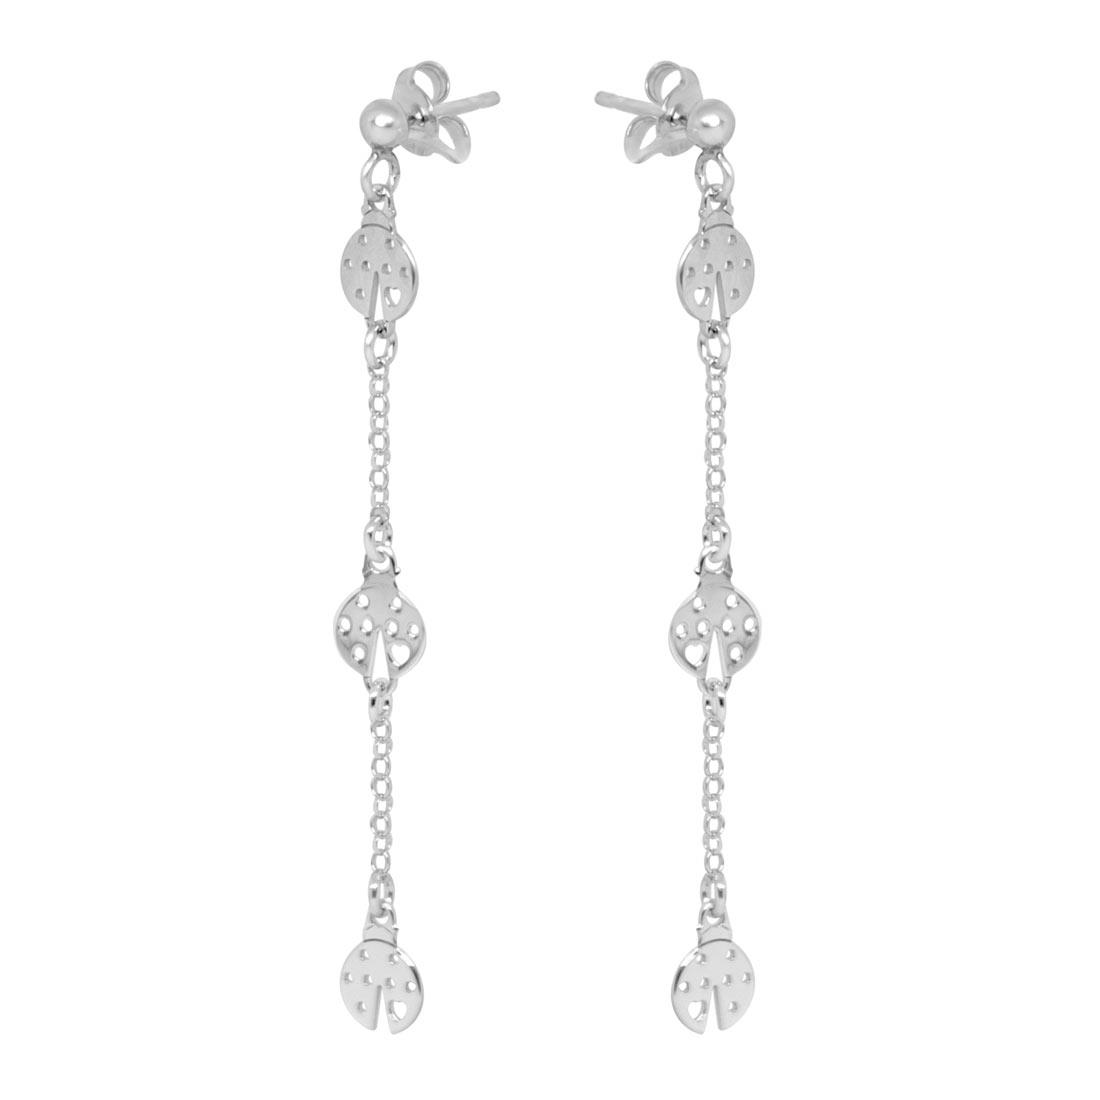 Orecchini pendenti in argento rodiato con coccinelle - ORO&CO 925